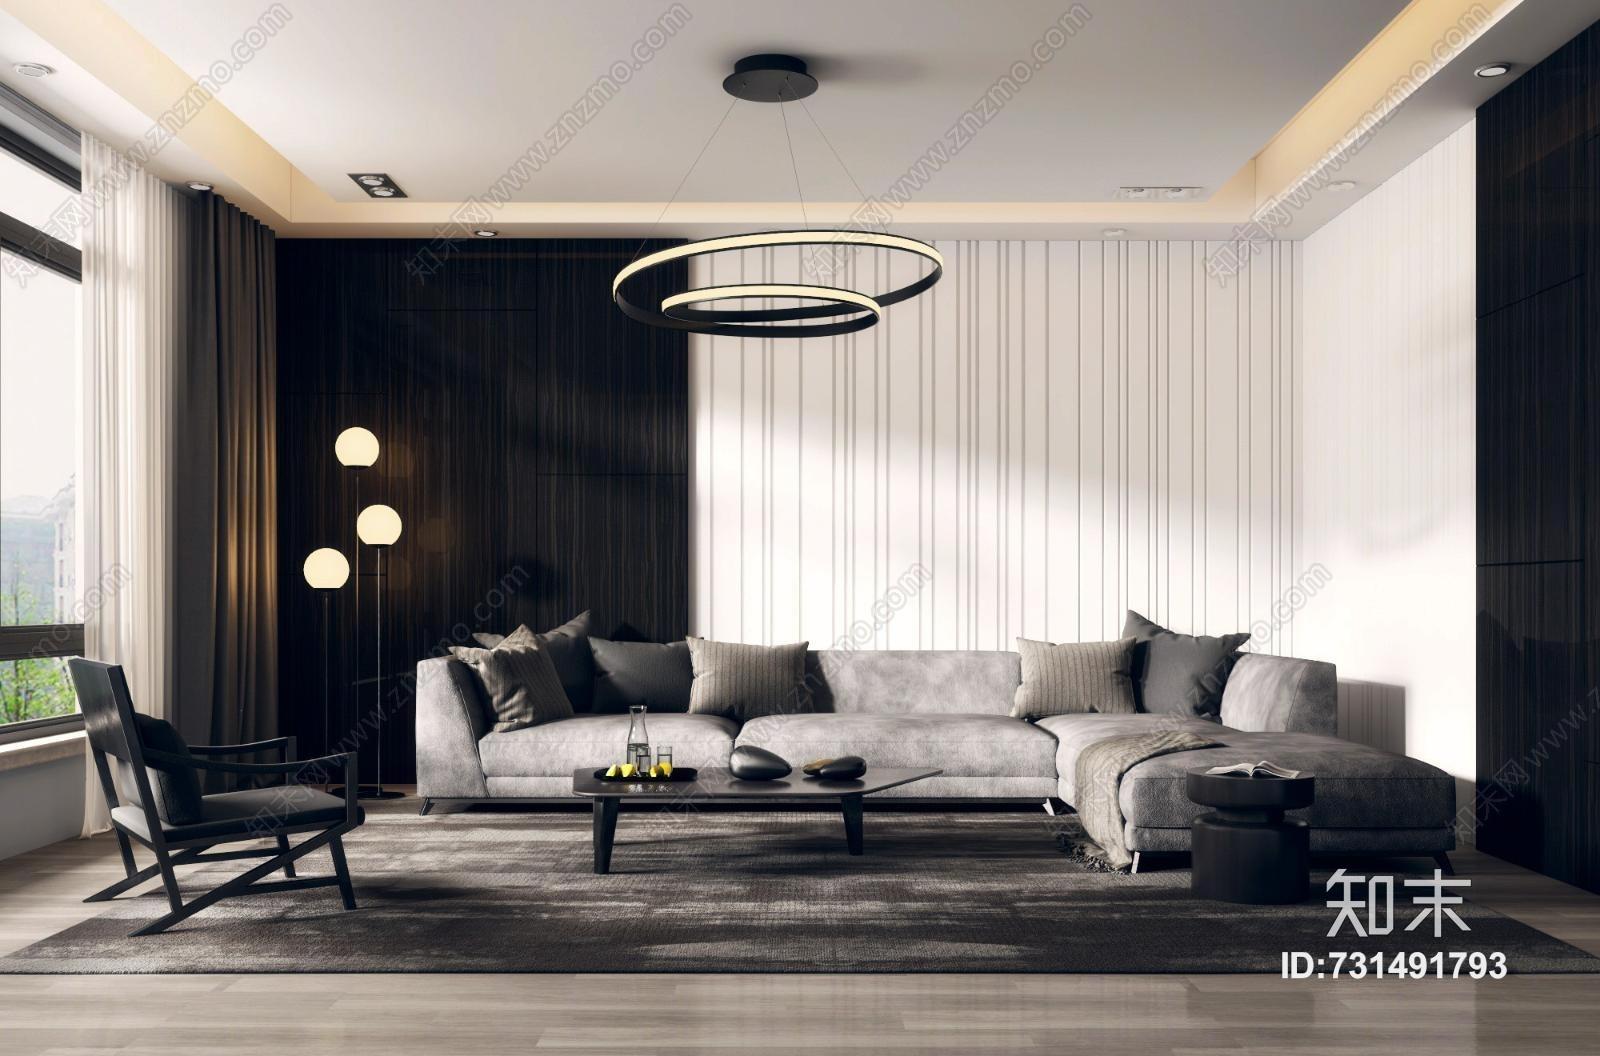 现代客厅 现代沙发组合 转角沙发 现代沙发 单椅 椅子 落地灯